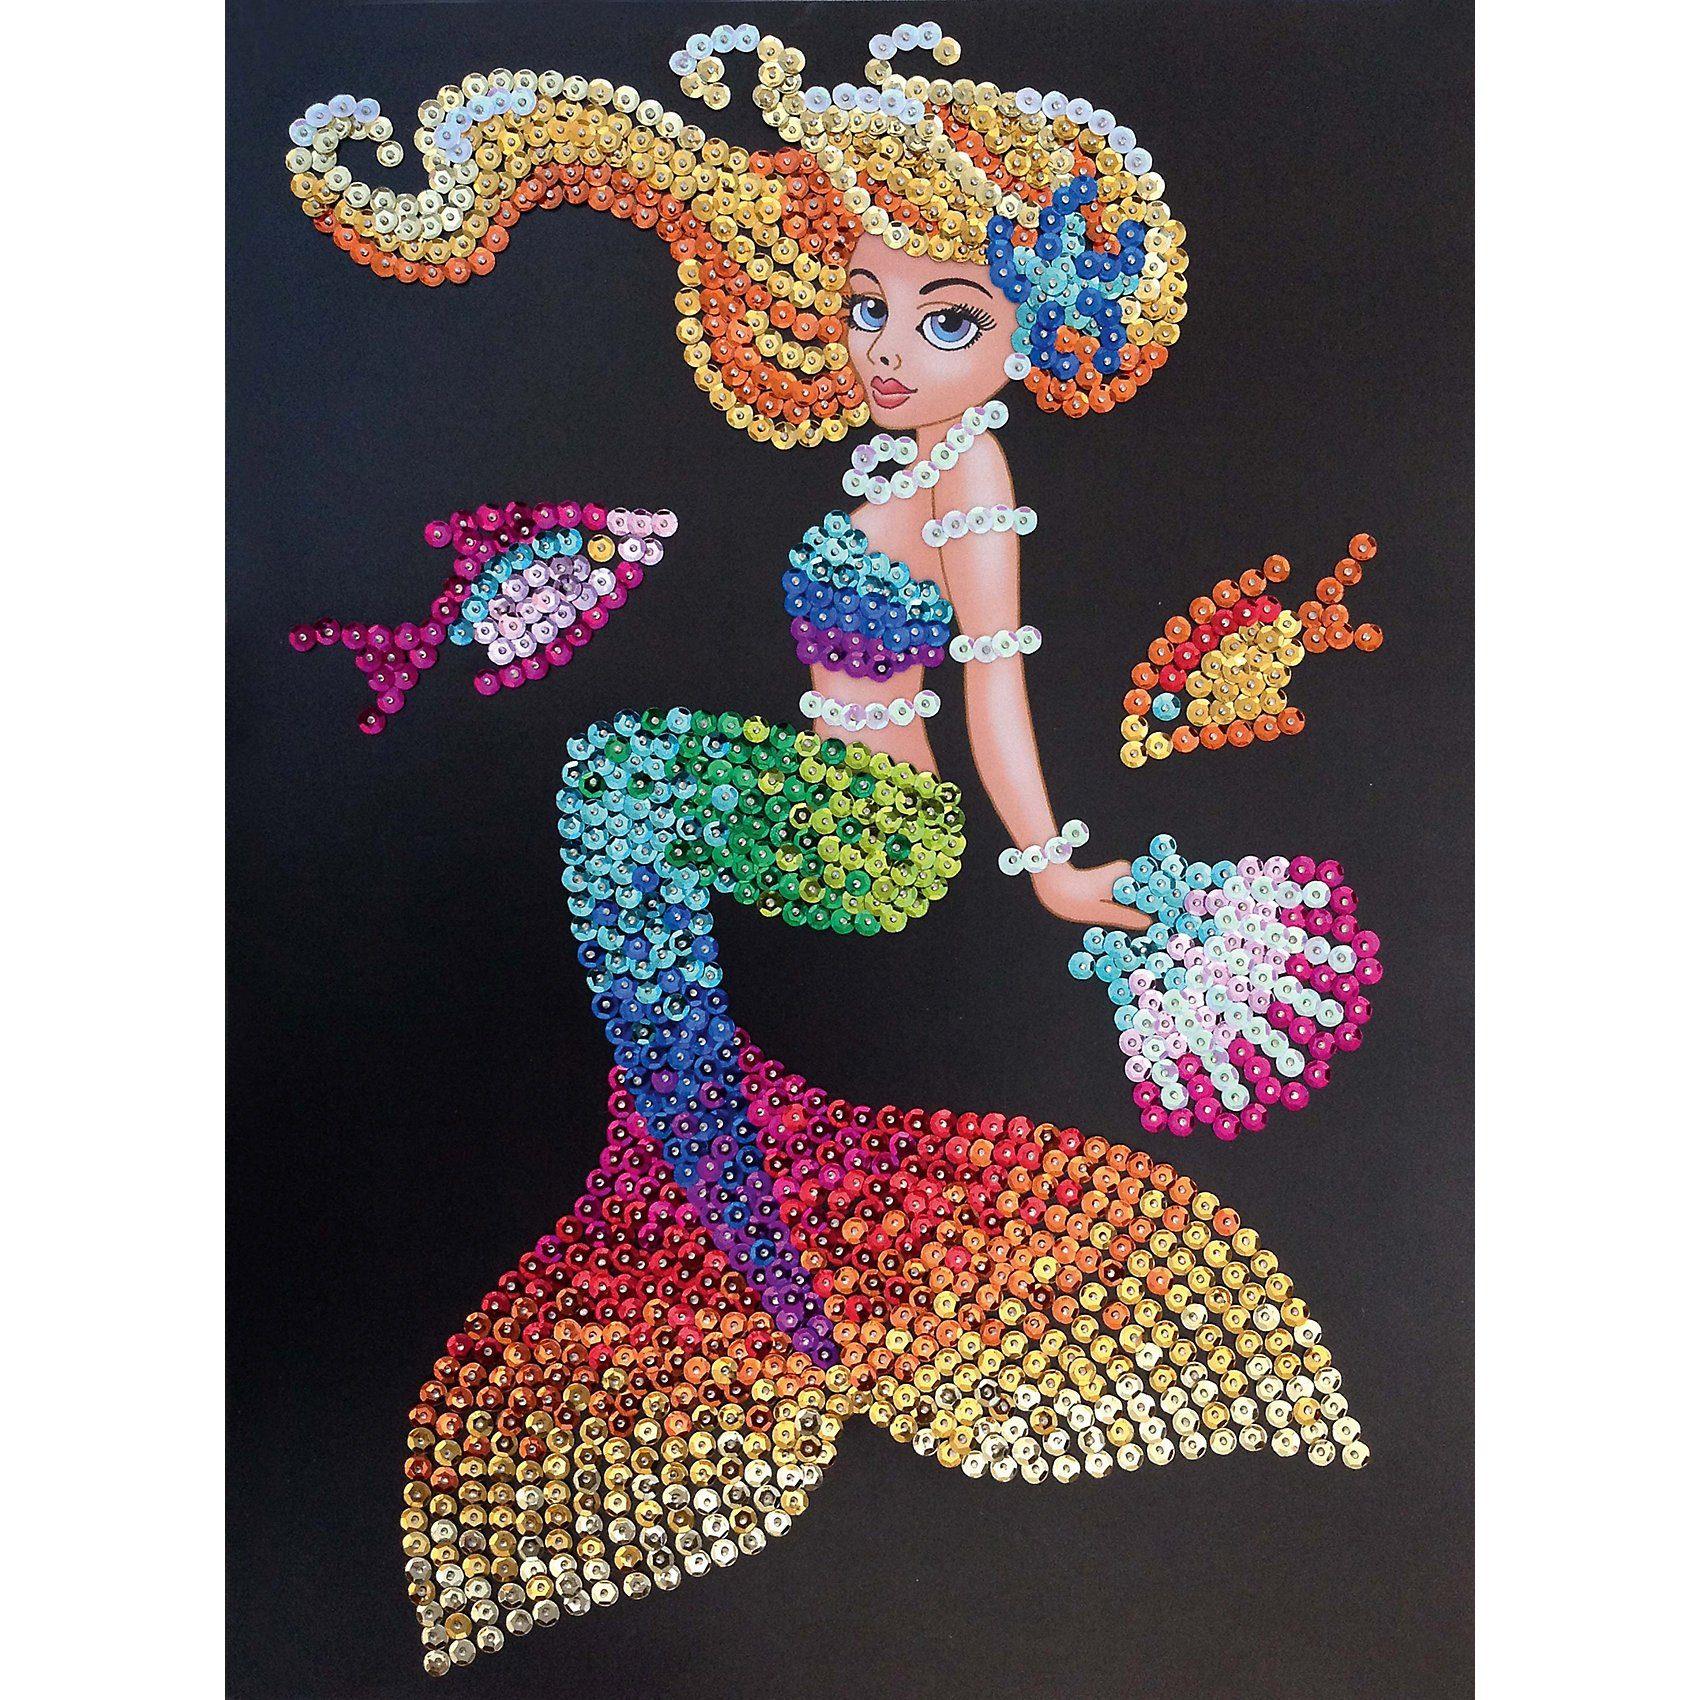 MAMMUT Spiel und Geschenk Sequin Art Meerjungfrau